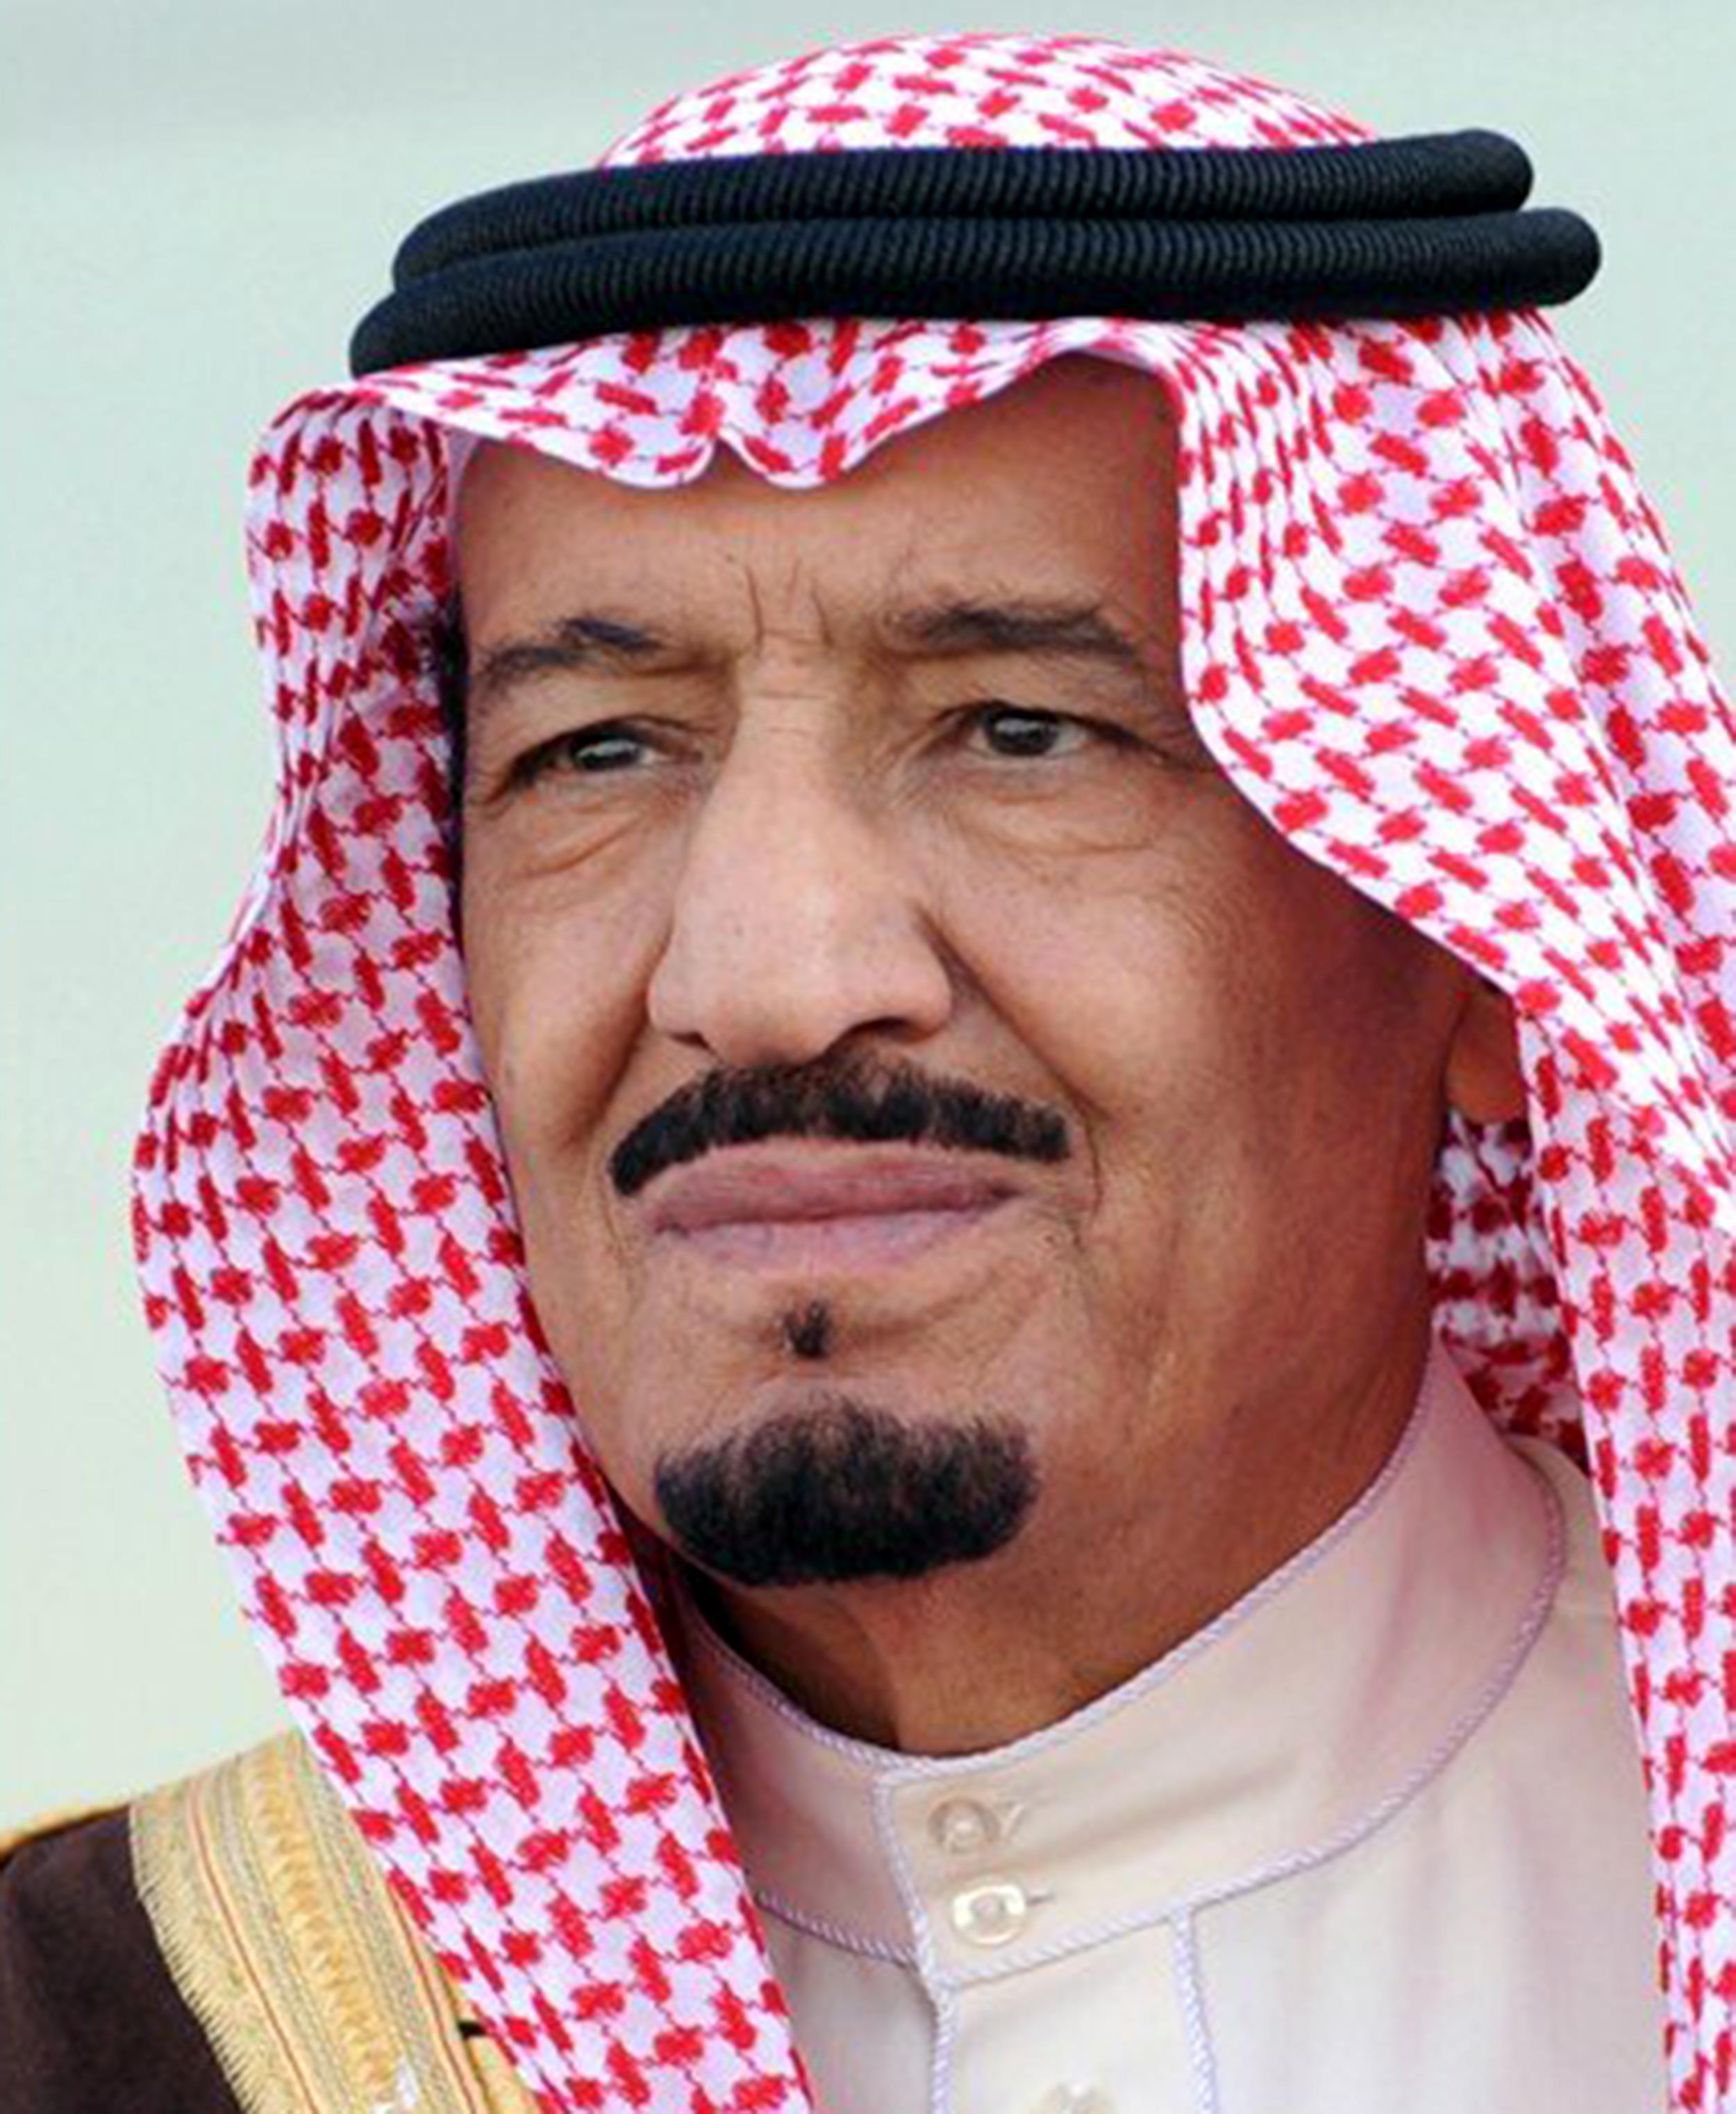 إنشاء هيئة تعنى بترفيه السعوديين